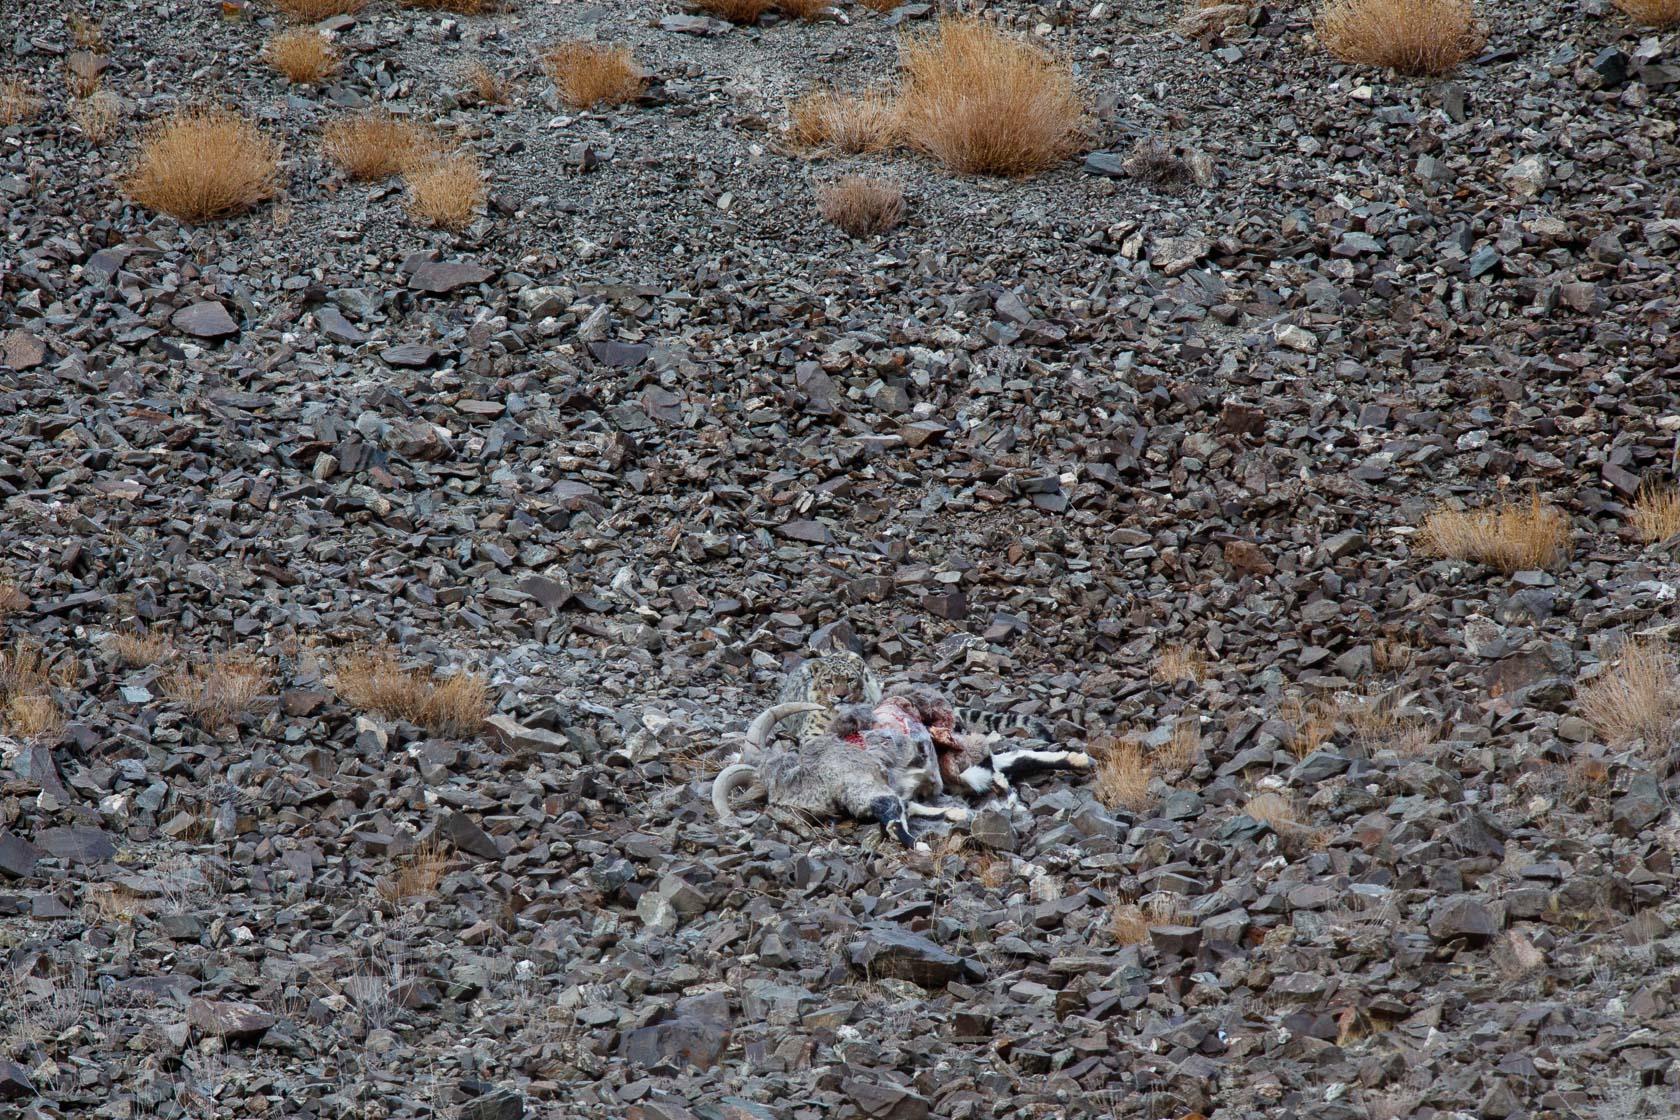 panthère des neiges (Panthera uncia) sur sa proie, un bharal (Pseudois nayaur), au ladakh, en Inde